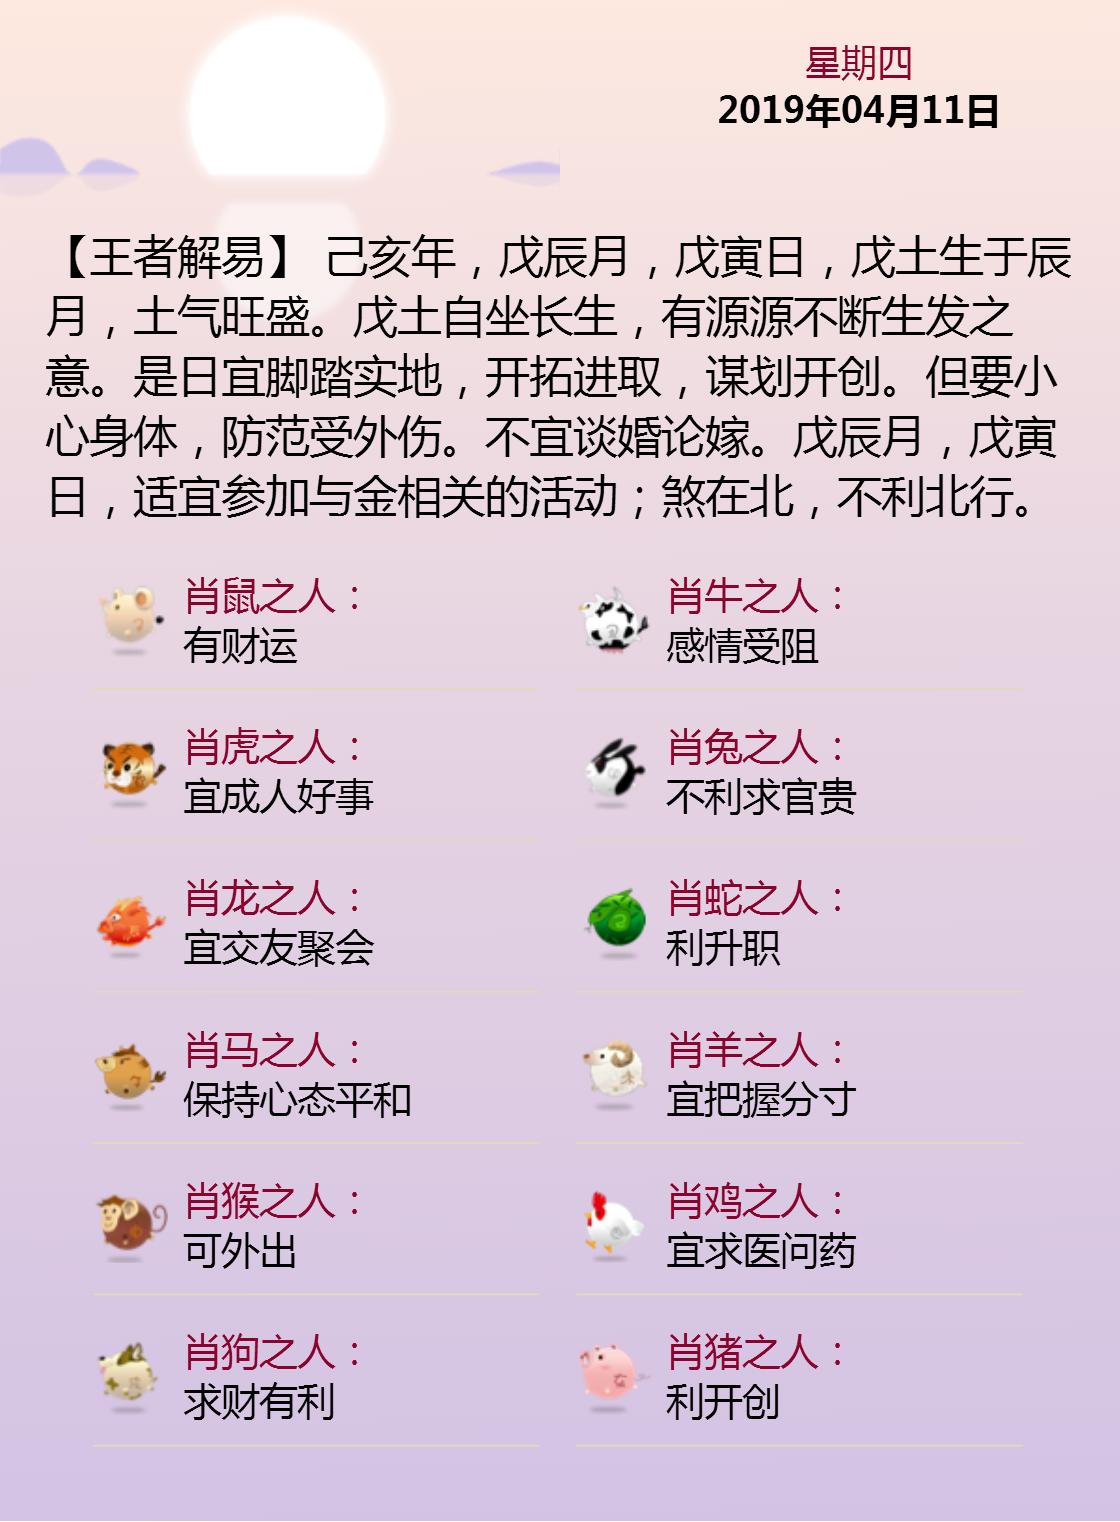 黄历海报20190411.png